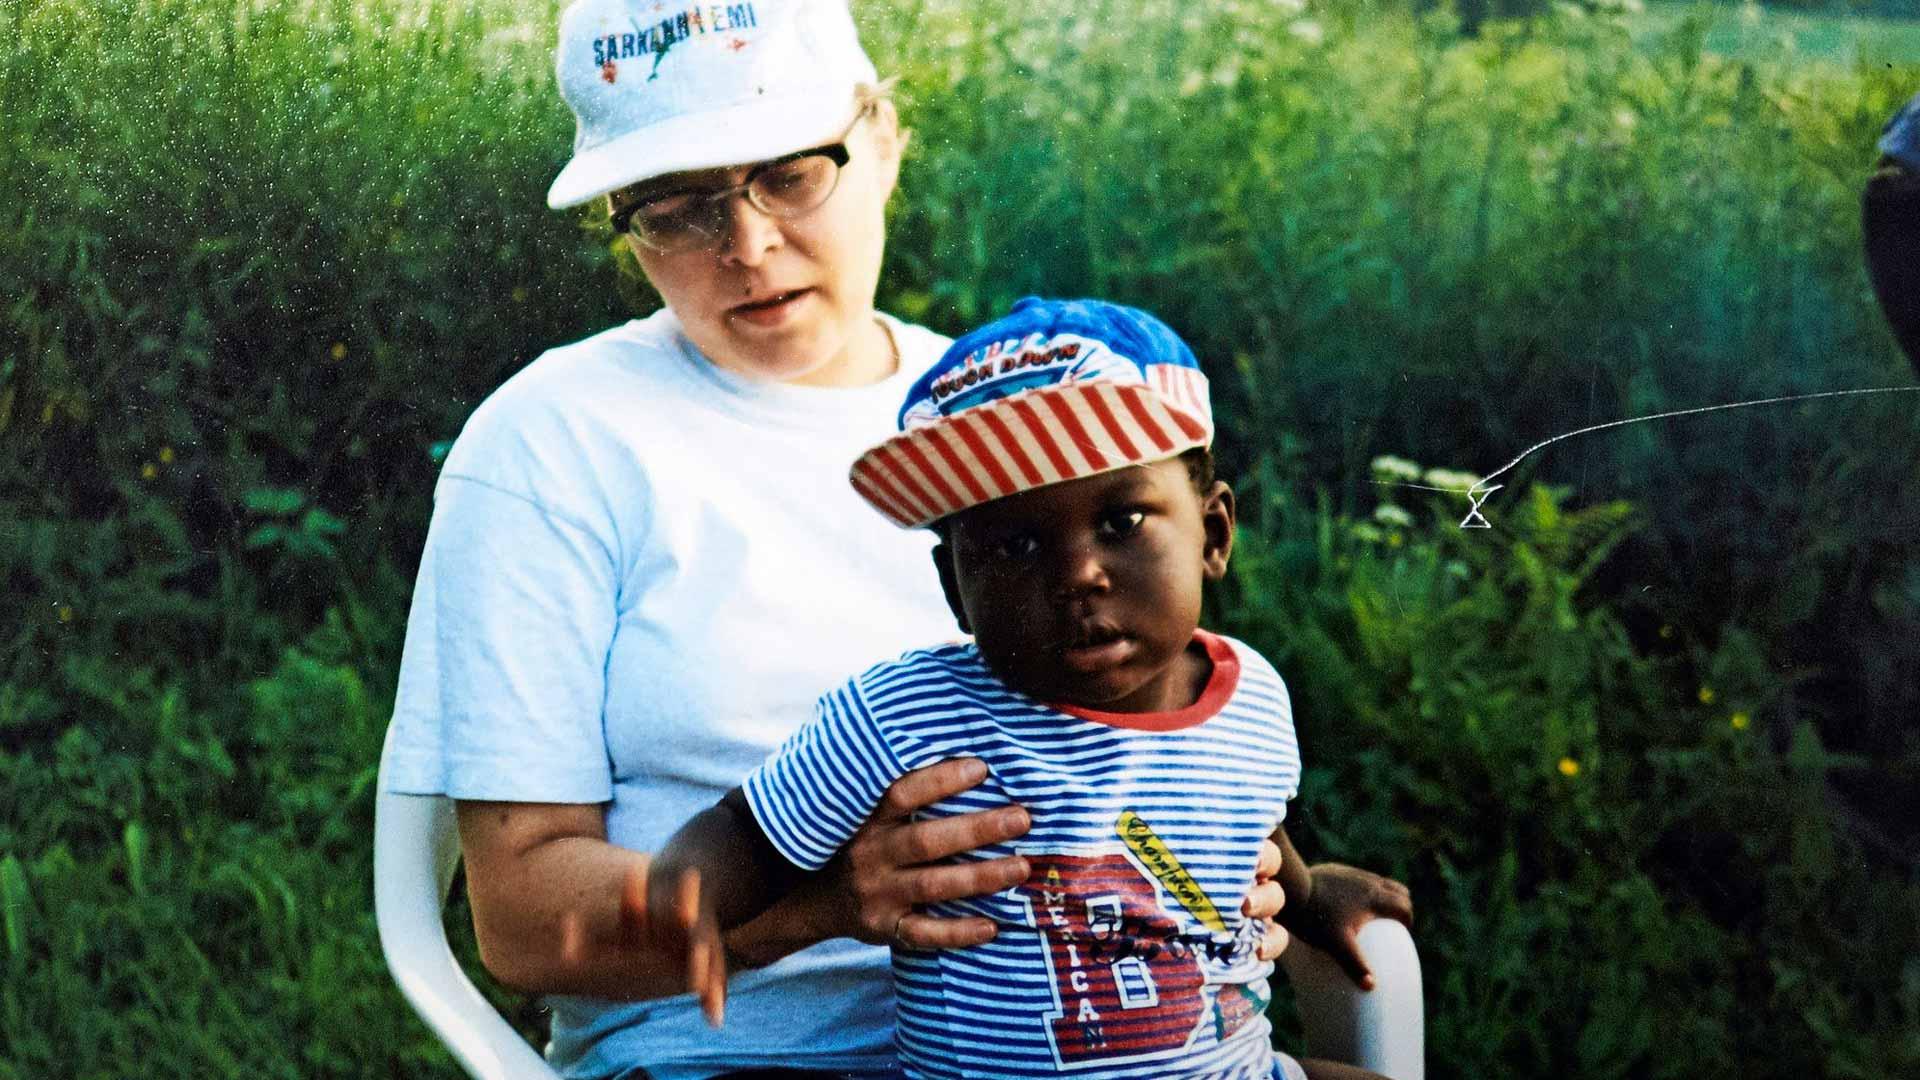 Vihdoinkin kotona! Rami 2-vuotiaana Pirkko-äidin sylissä. Nykyisin hän on pelastaja.